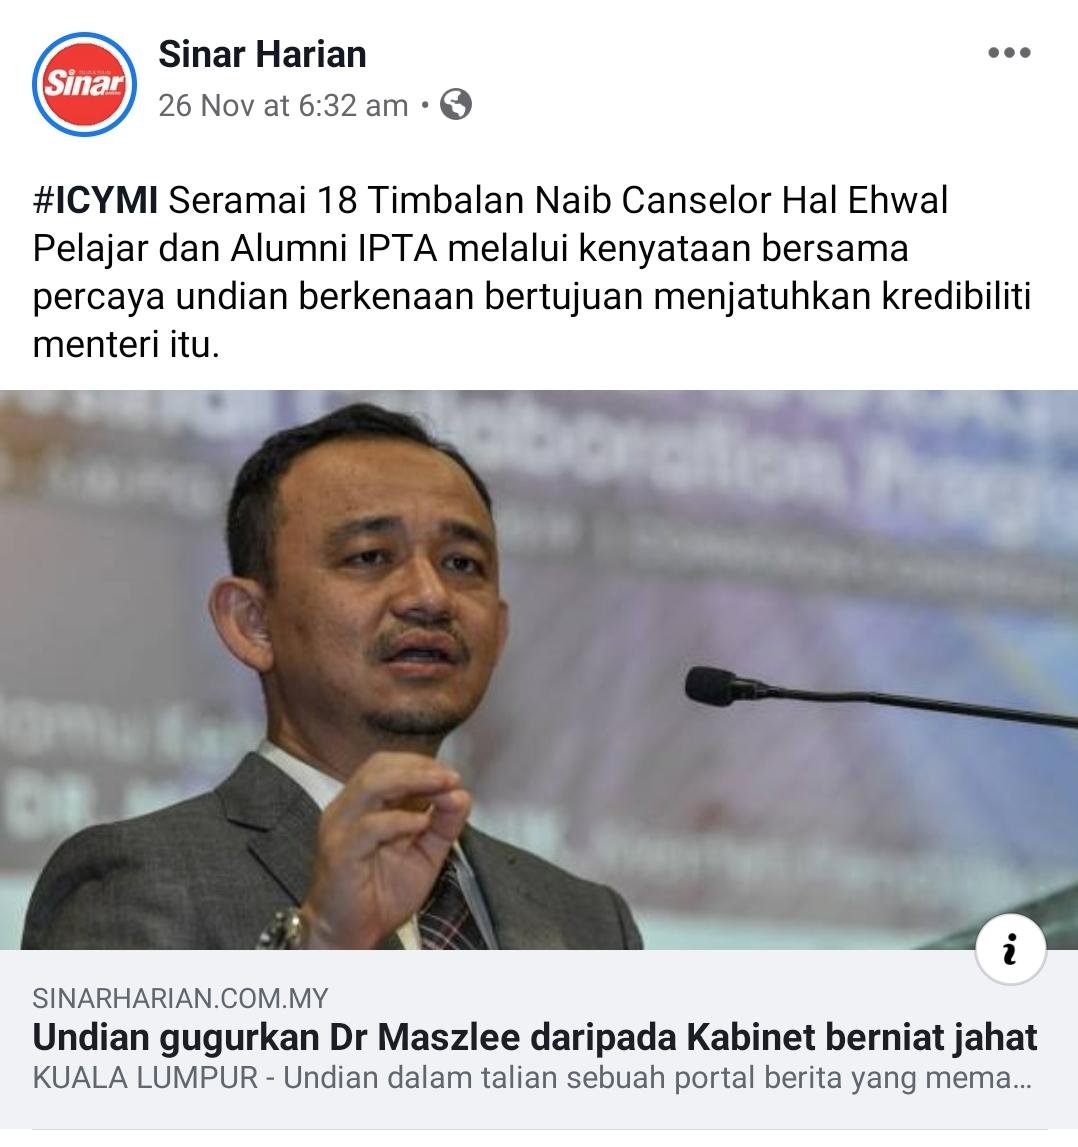 Sokong menteri pendidikan